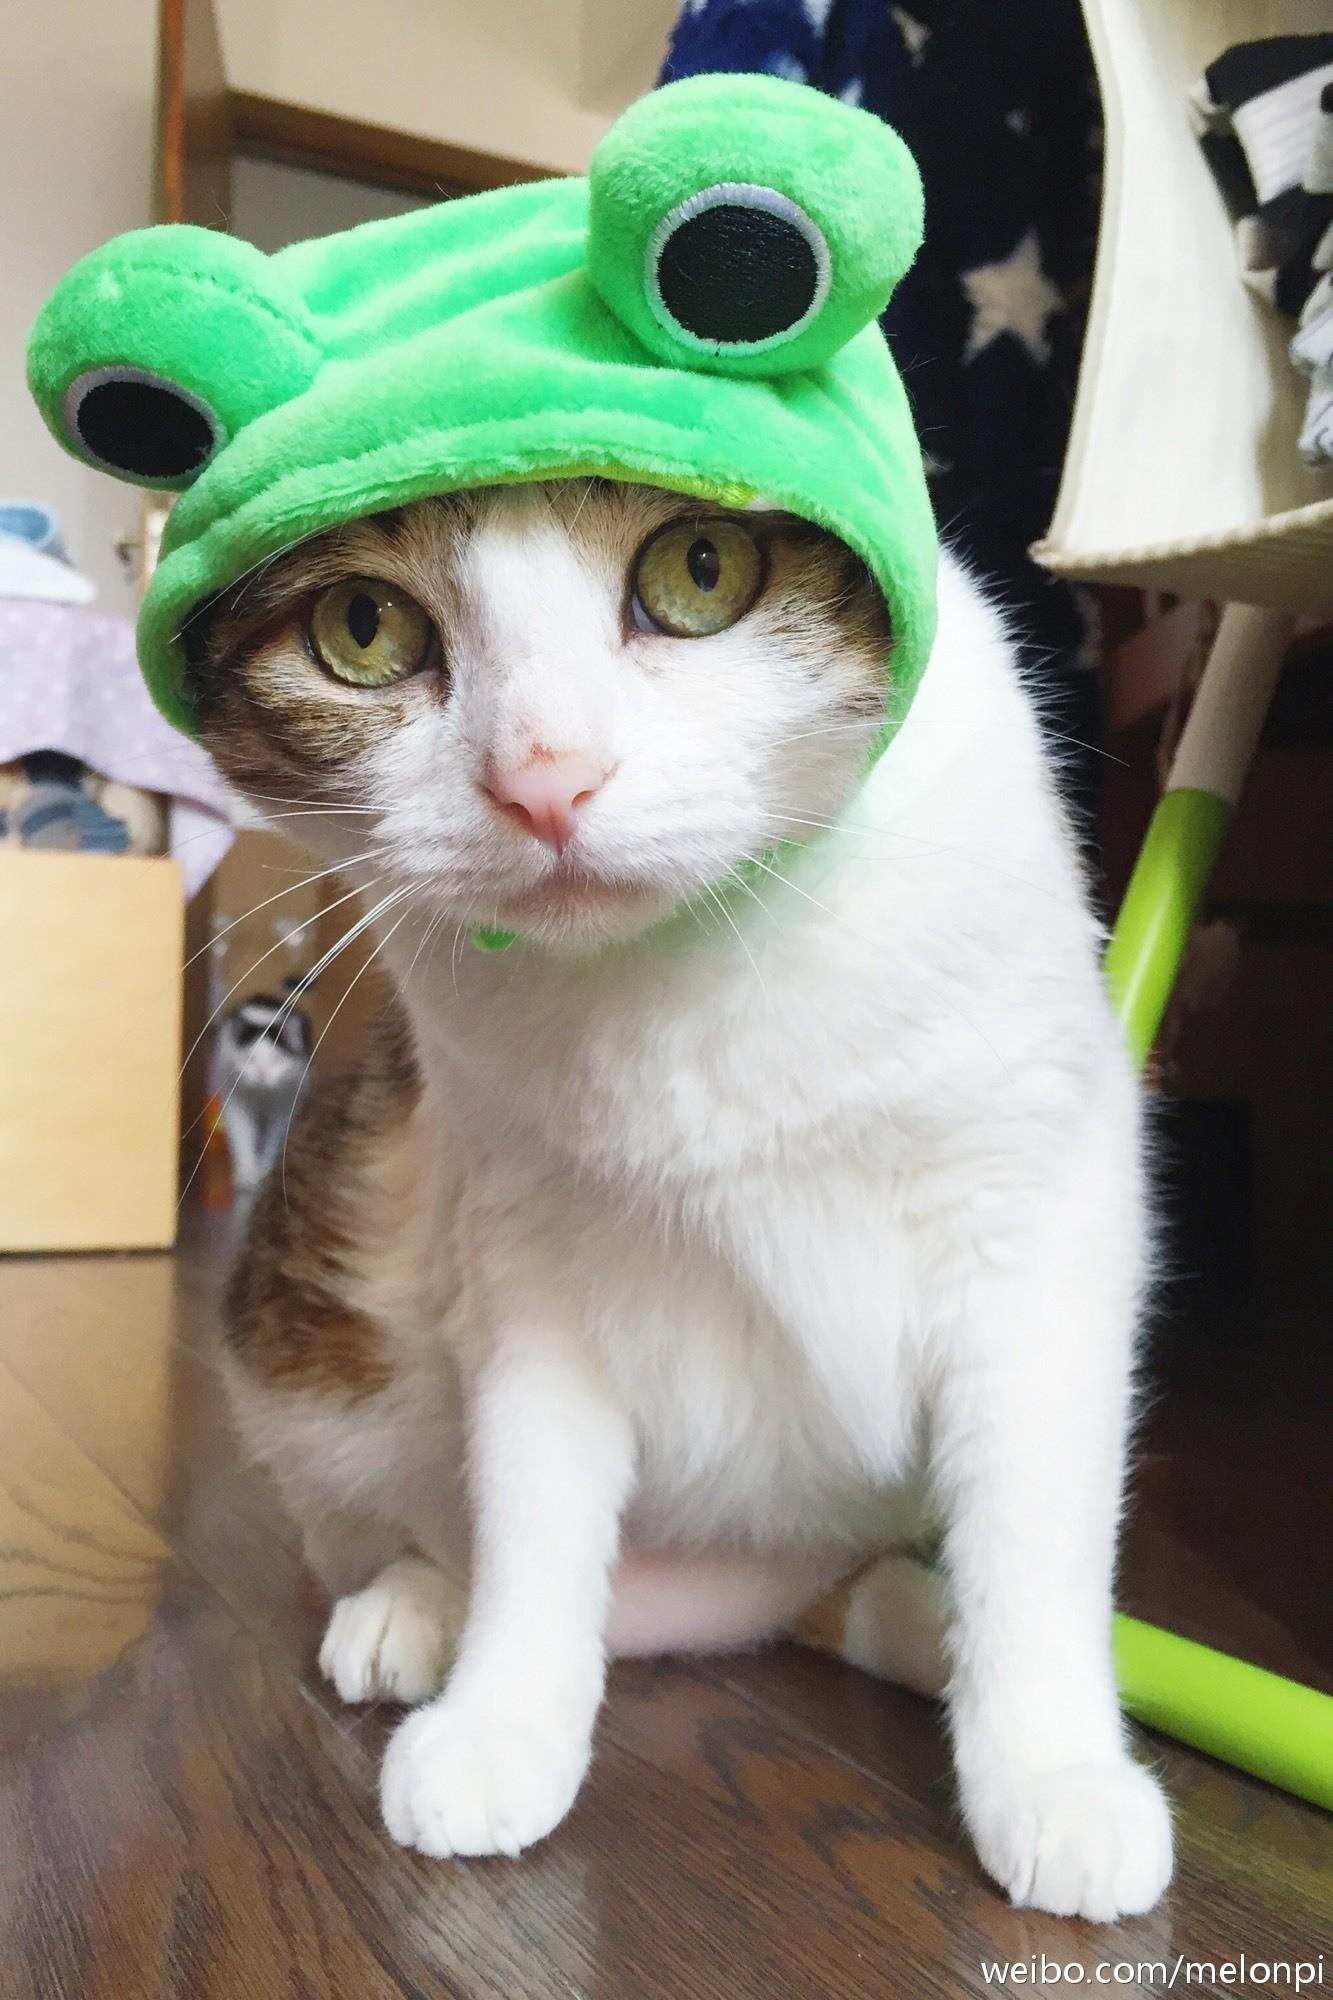 壁纸 动物 狗 狗狗 猫 猫咪 小猫 桌面 1333_2000 竖版 竖屏 手机